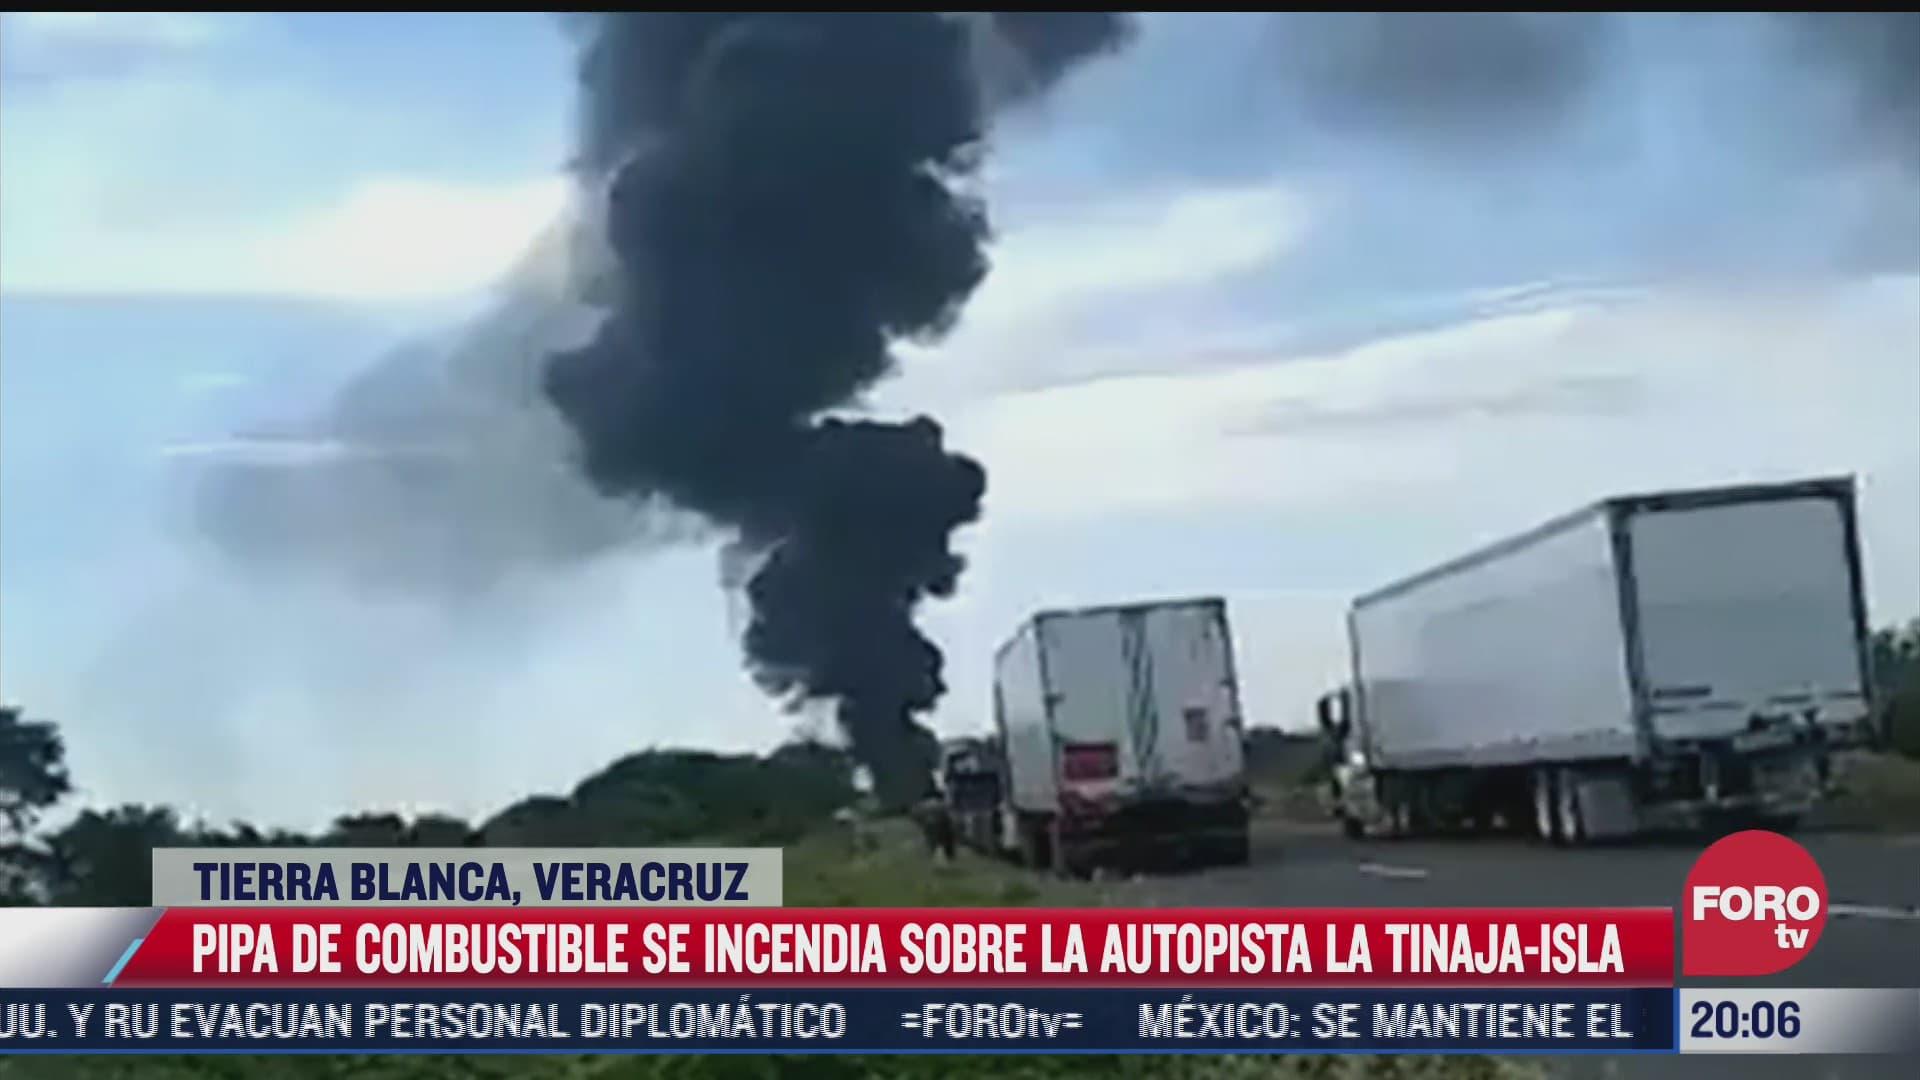 pipa se incendia sobre autopista la tinaja isla en veracruz